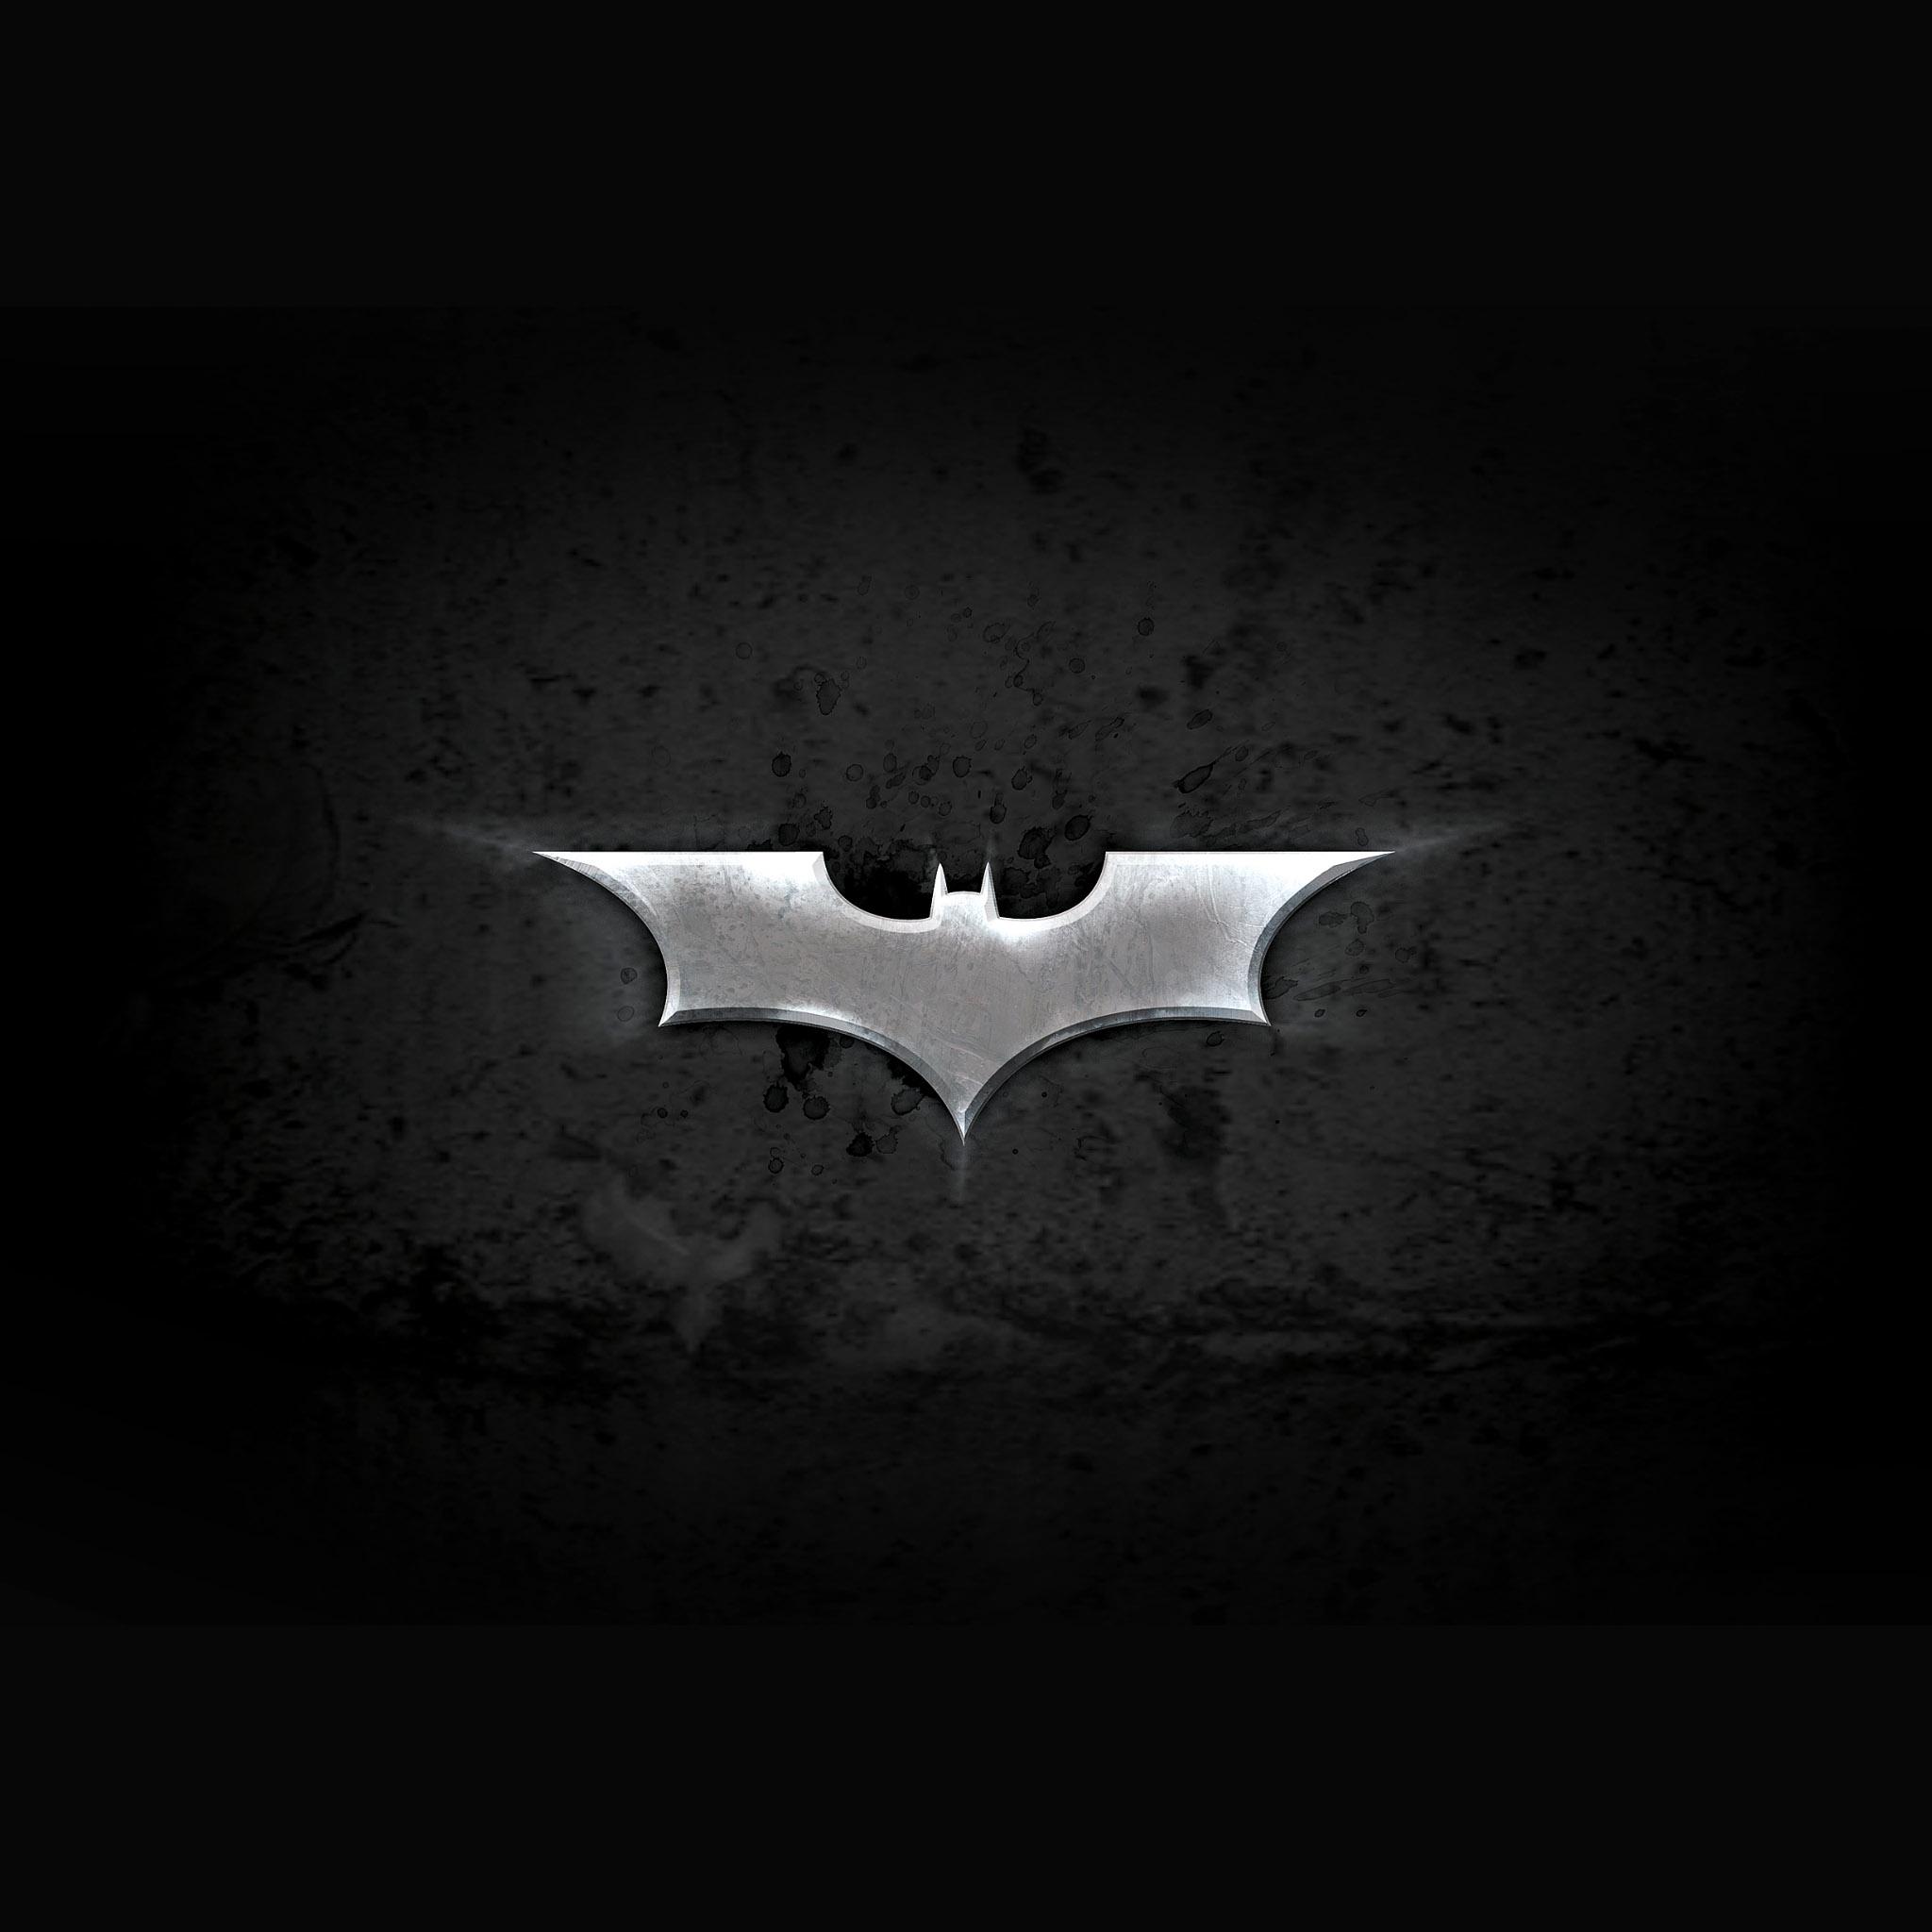 Kinzoku Bat Hd Wallpaper: I'm Batman Wallpaper